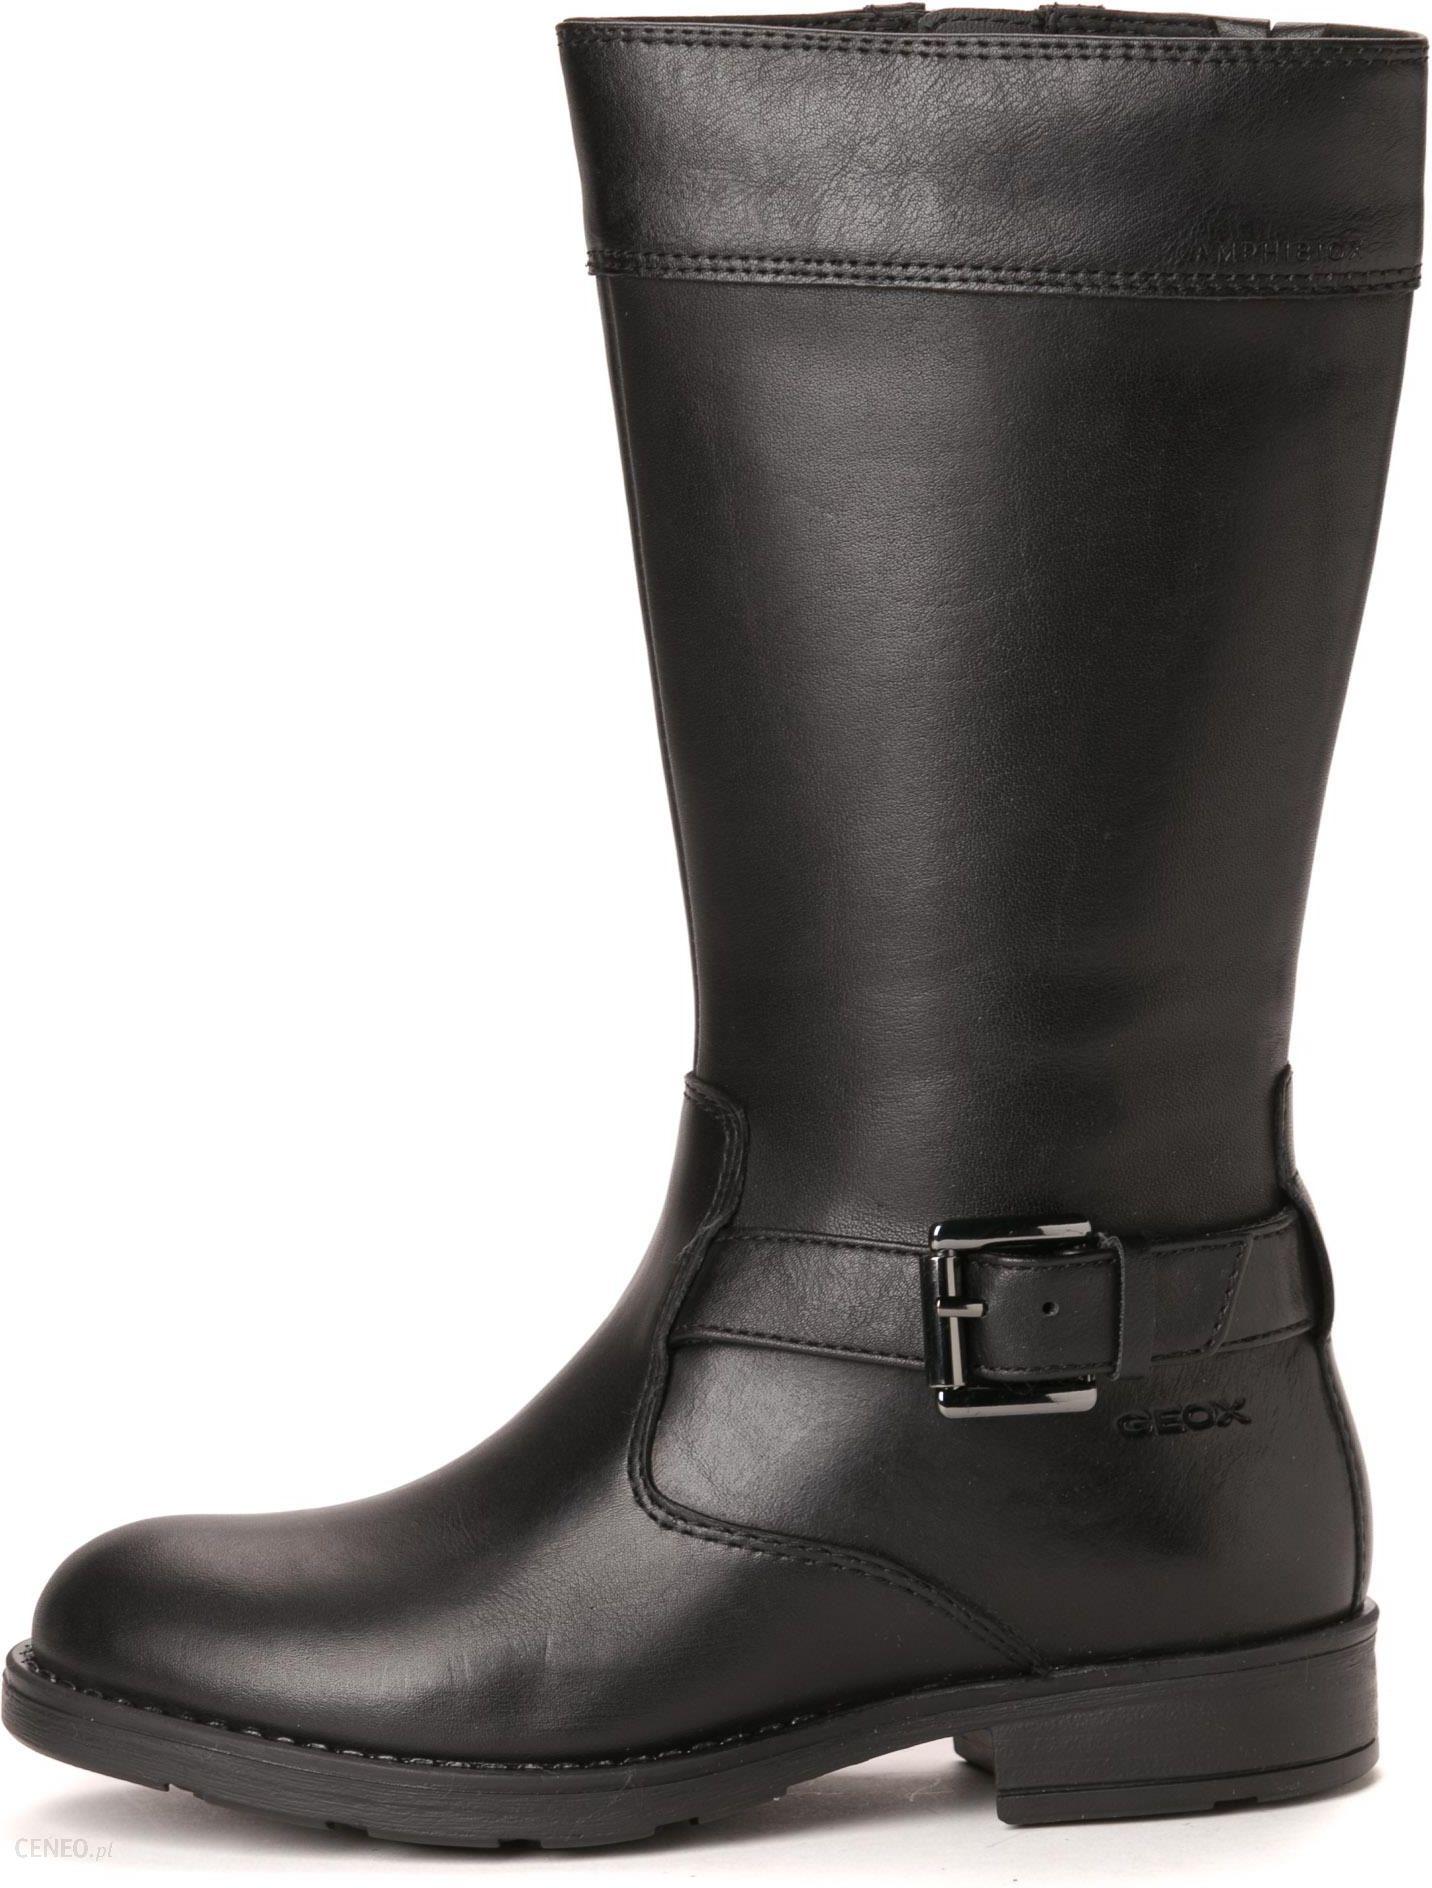 20fe94a2 Geox buty dziewczęce 34 czarny - Ceny i opinie - Ceneo.pl